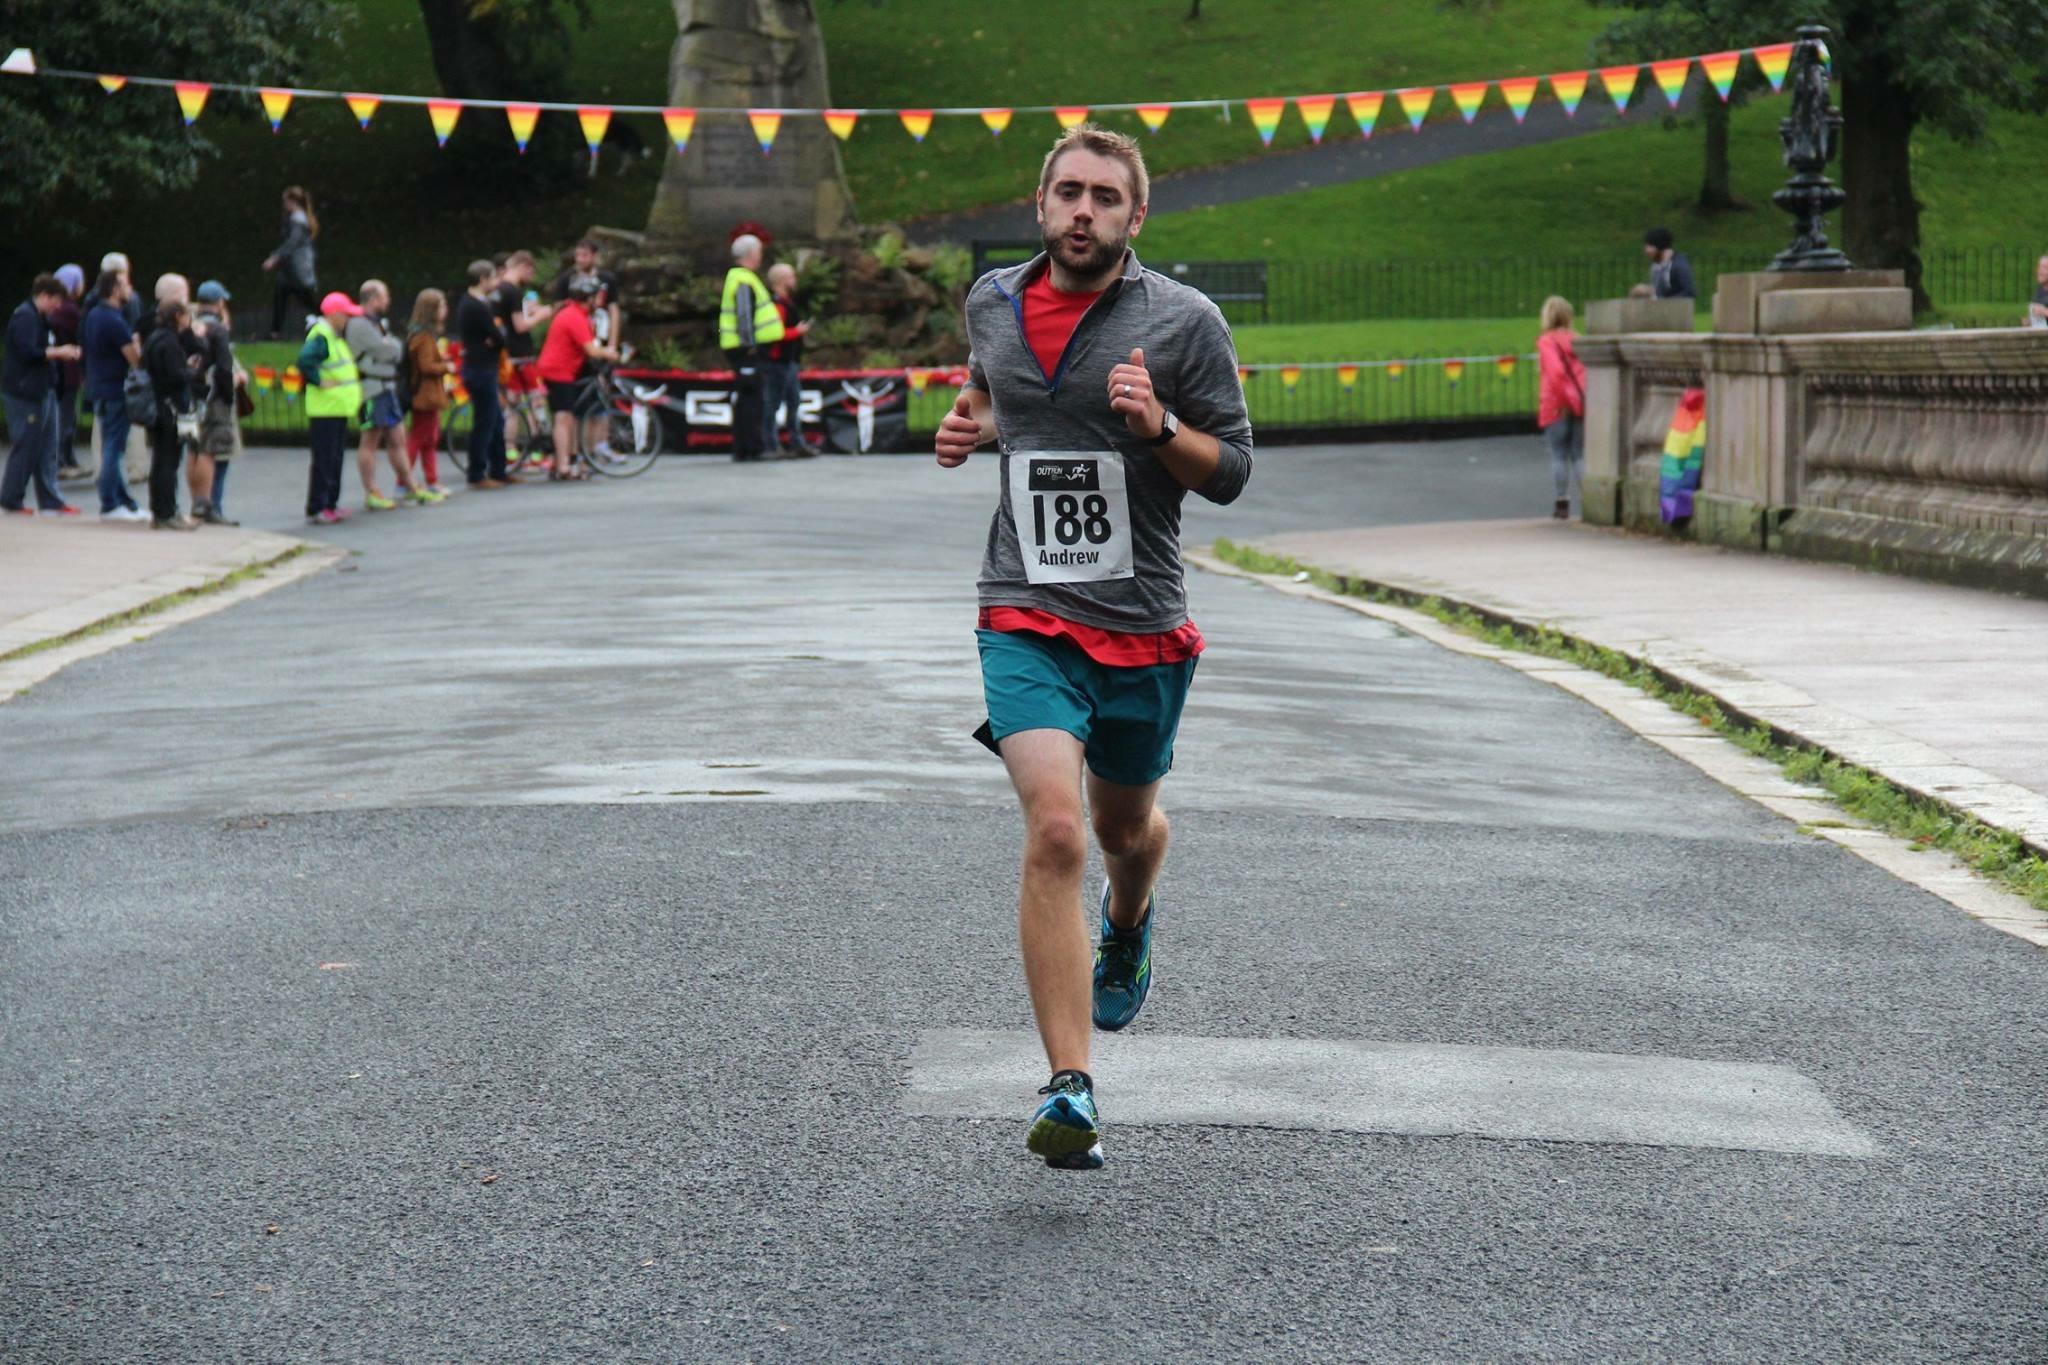 Andrew running photo.JPG